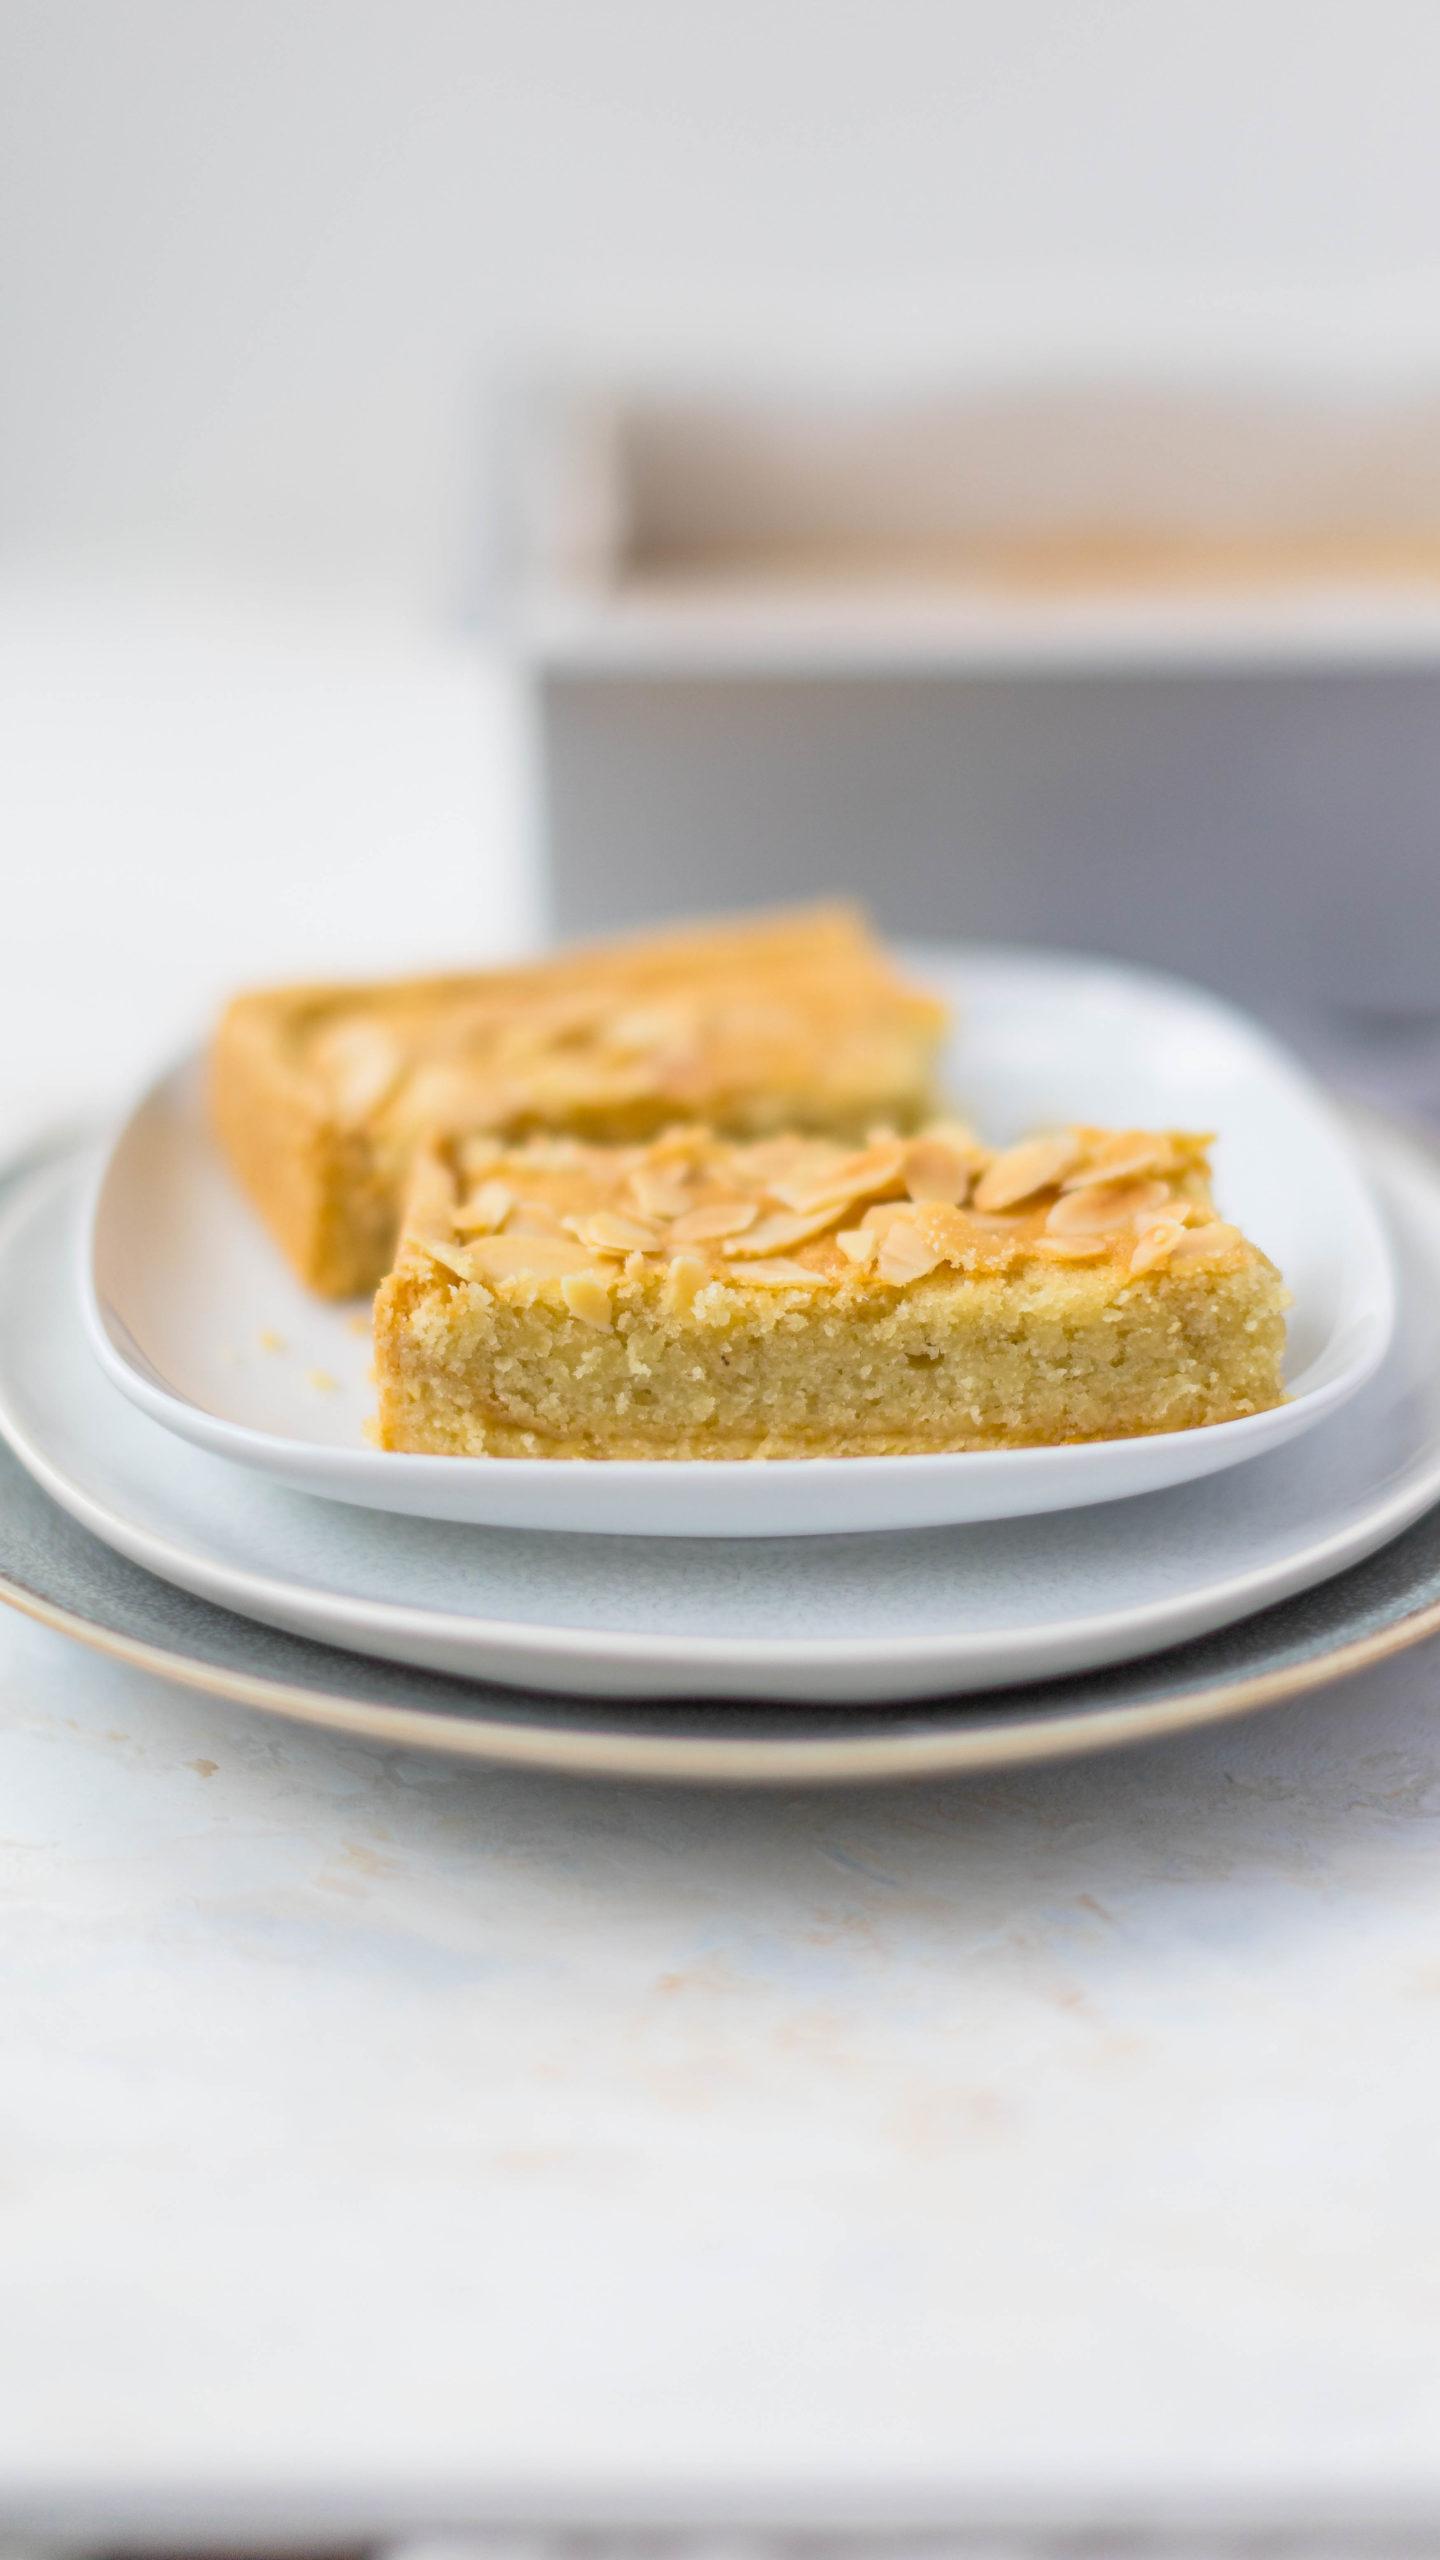 Bakewell Tarte mit Aprikosenmarmelade // Bakewell frangipane tarte with apricot jam by https://babyrockmyday.com/bakewell-tarte